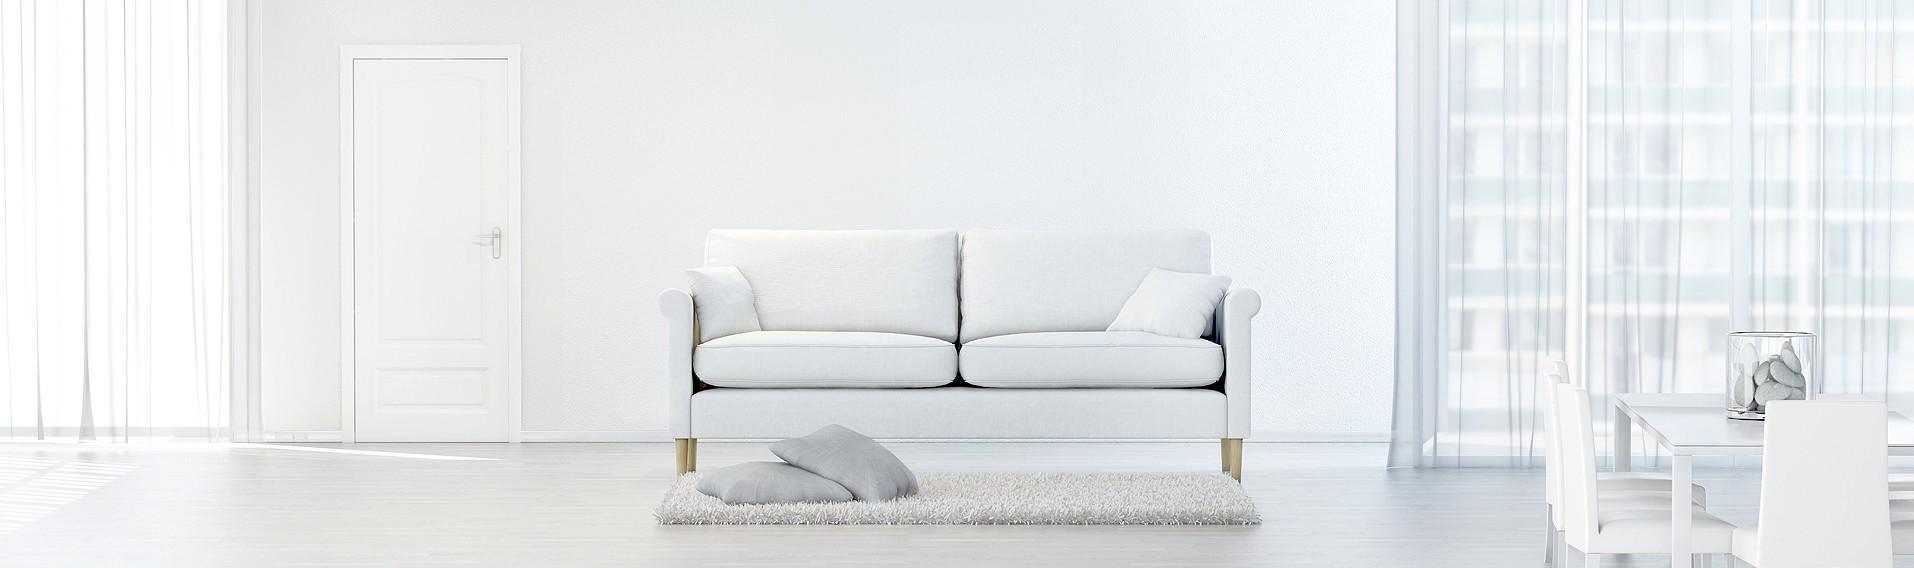 Sofa freigestellt - Innenarchitektur